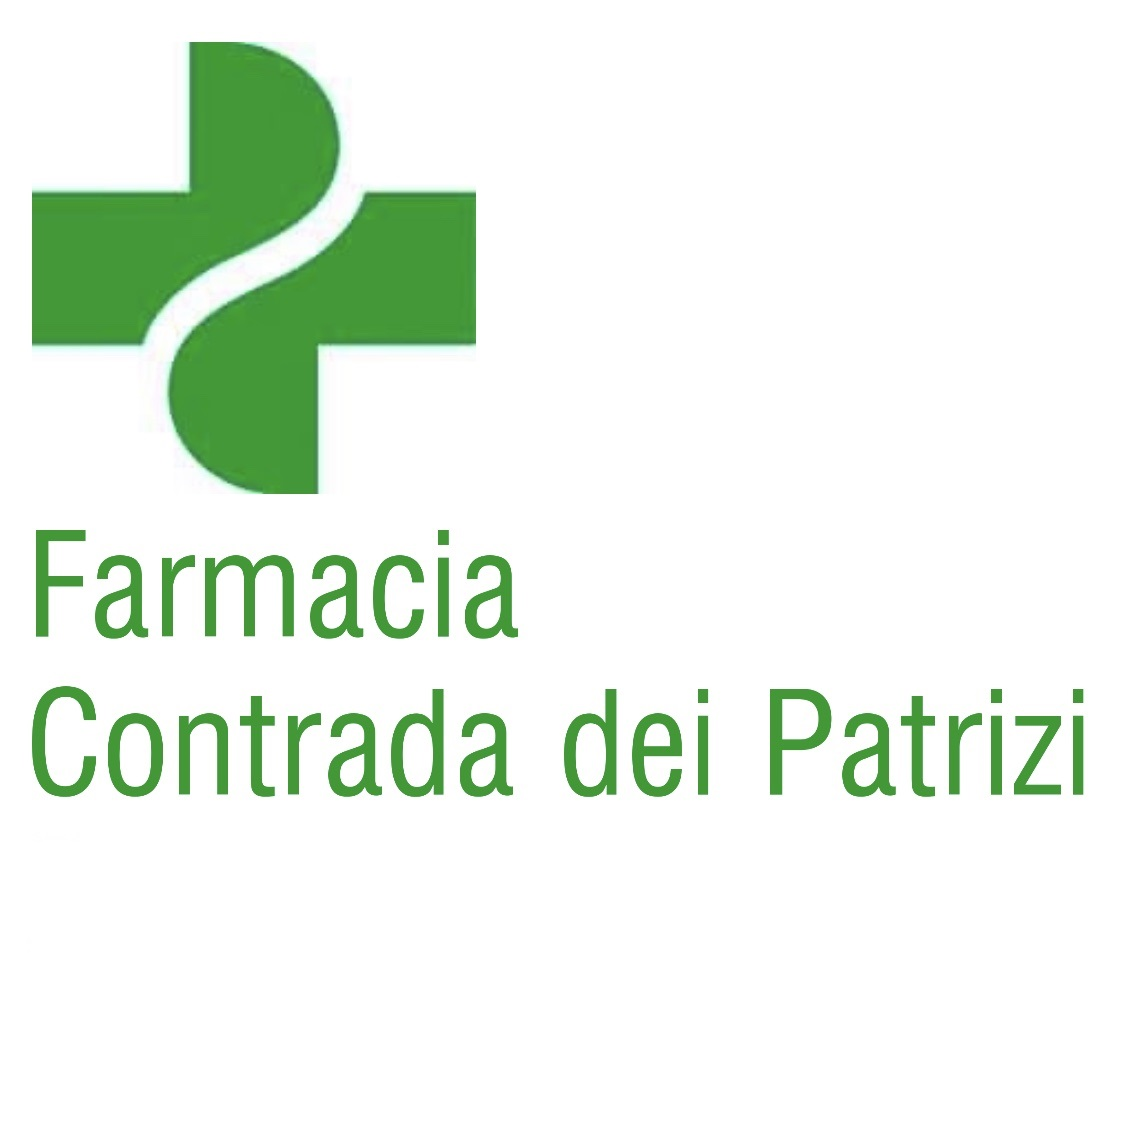 Farmacia Contrada dei Patrizi